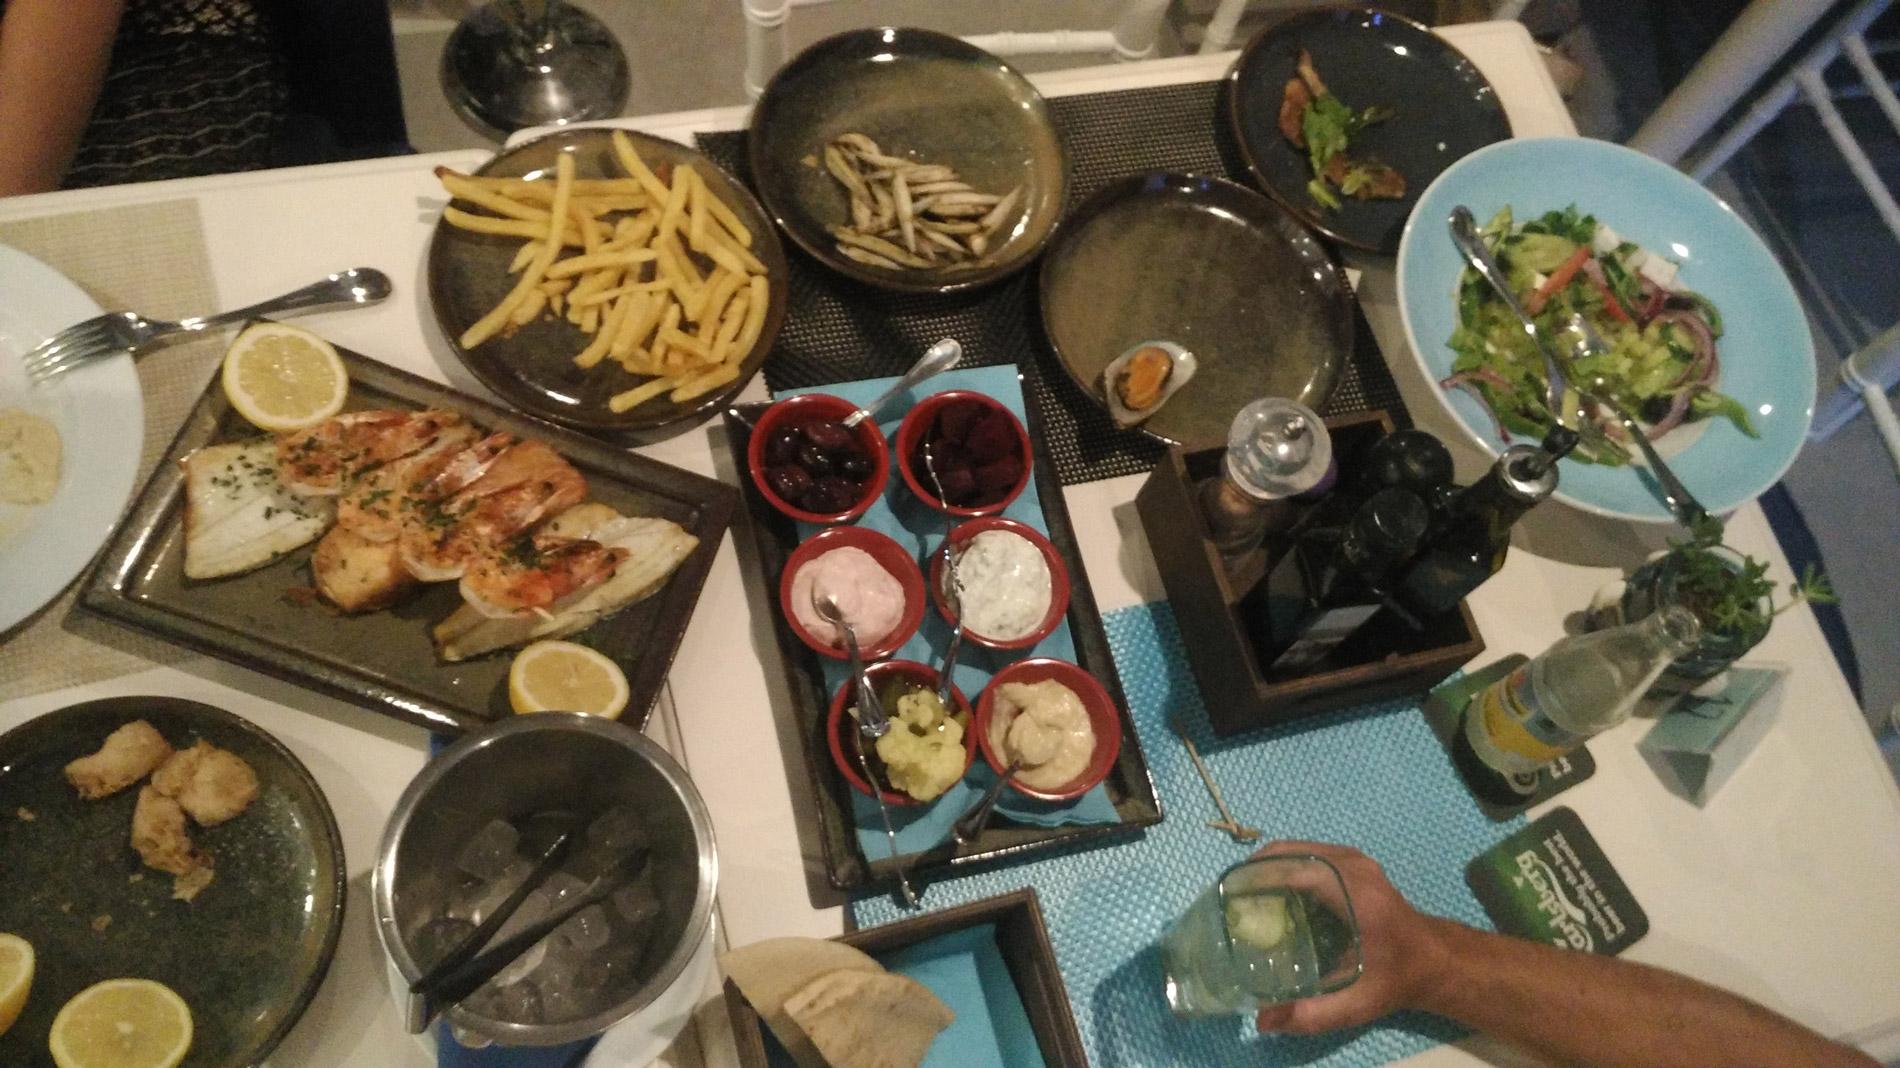 Традиционное рыбное мезе в ресторане «Блю-даймонд»: анчоусы, креветки, кальмары, морской окунь, лосось, мидии, салат и жареный картофель